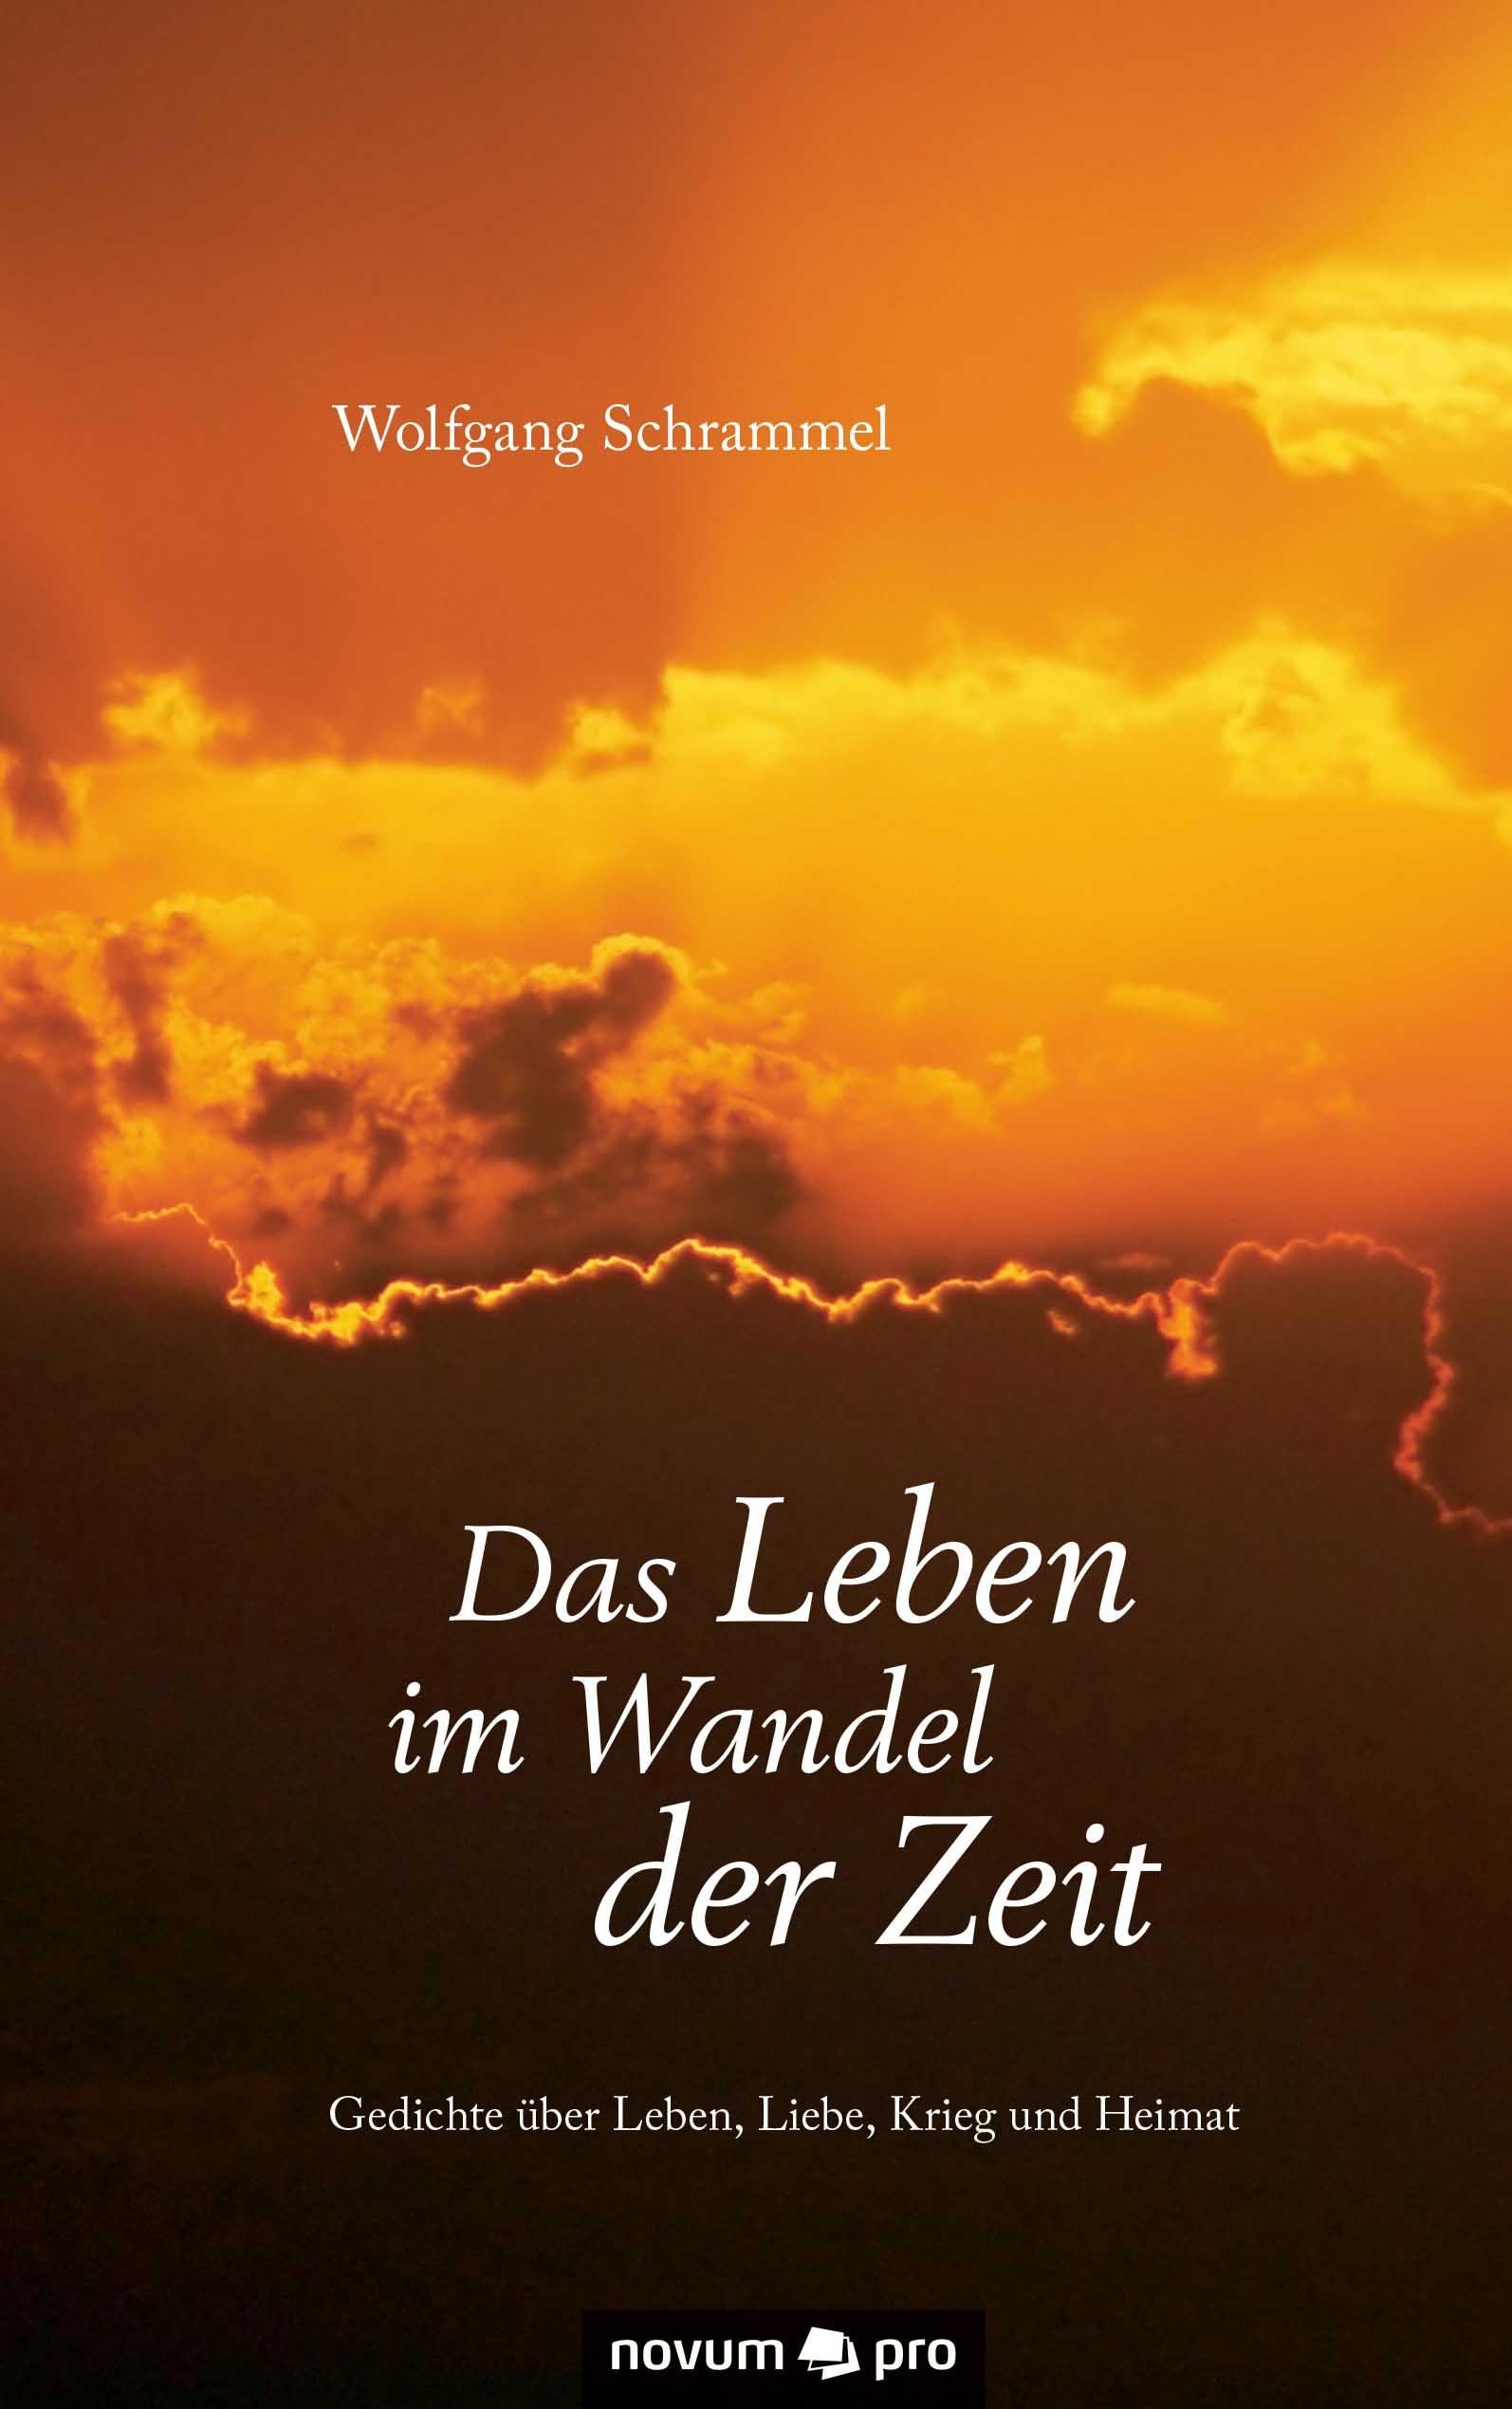 Wolfgang Schrammel Das Leben im Wandel der Zeit